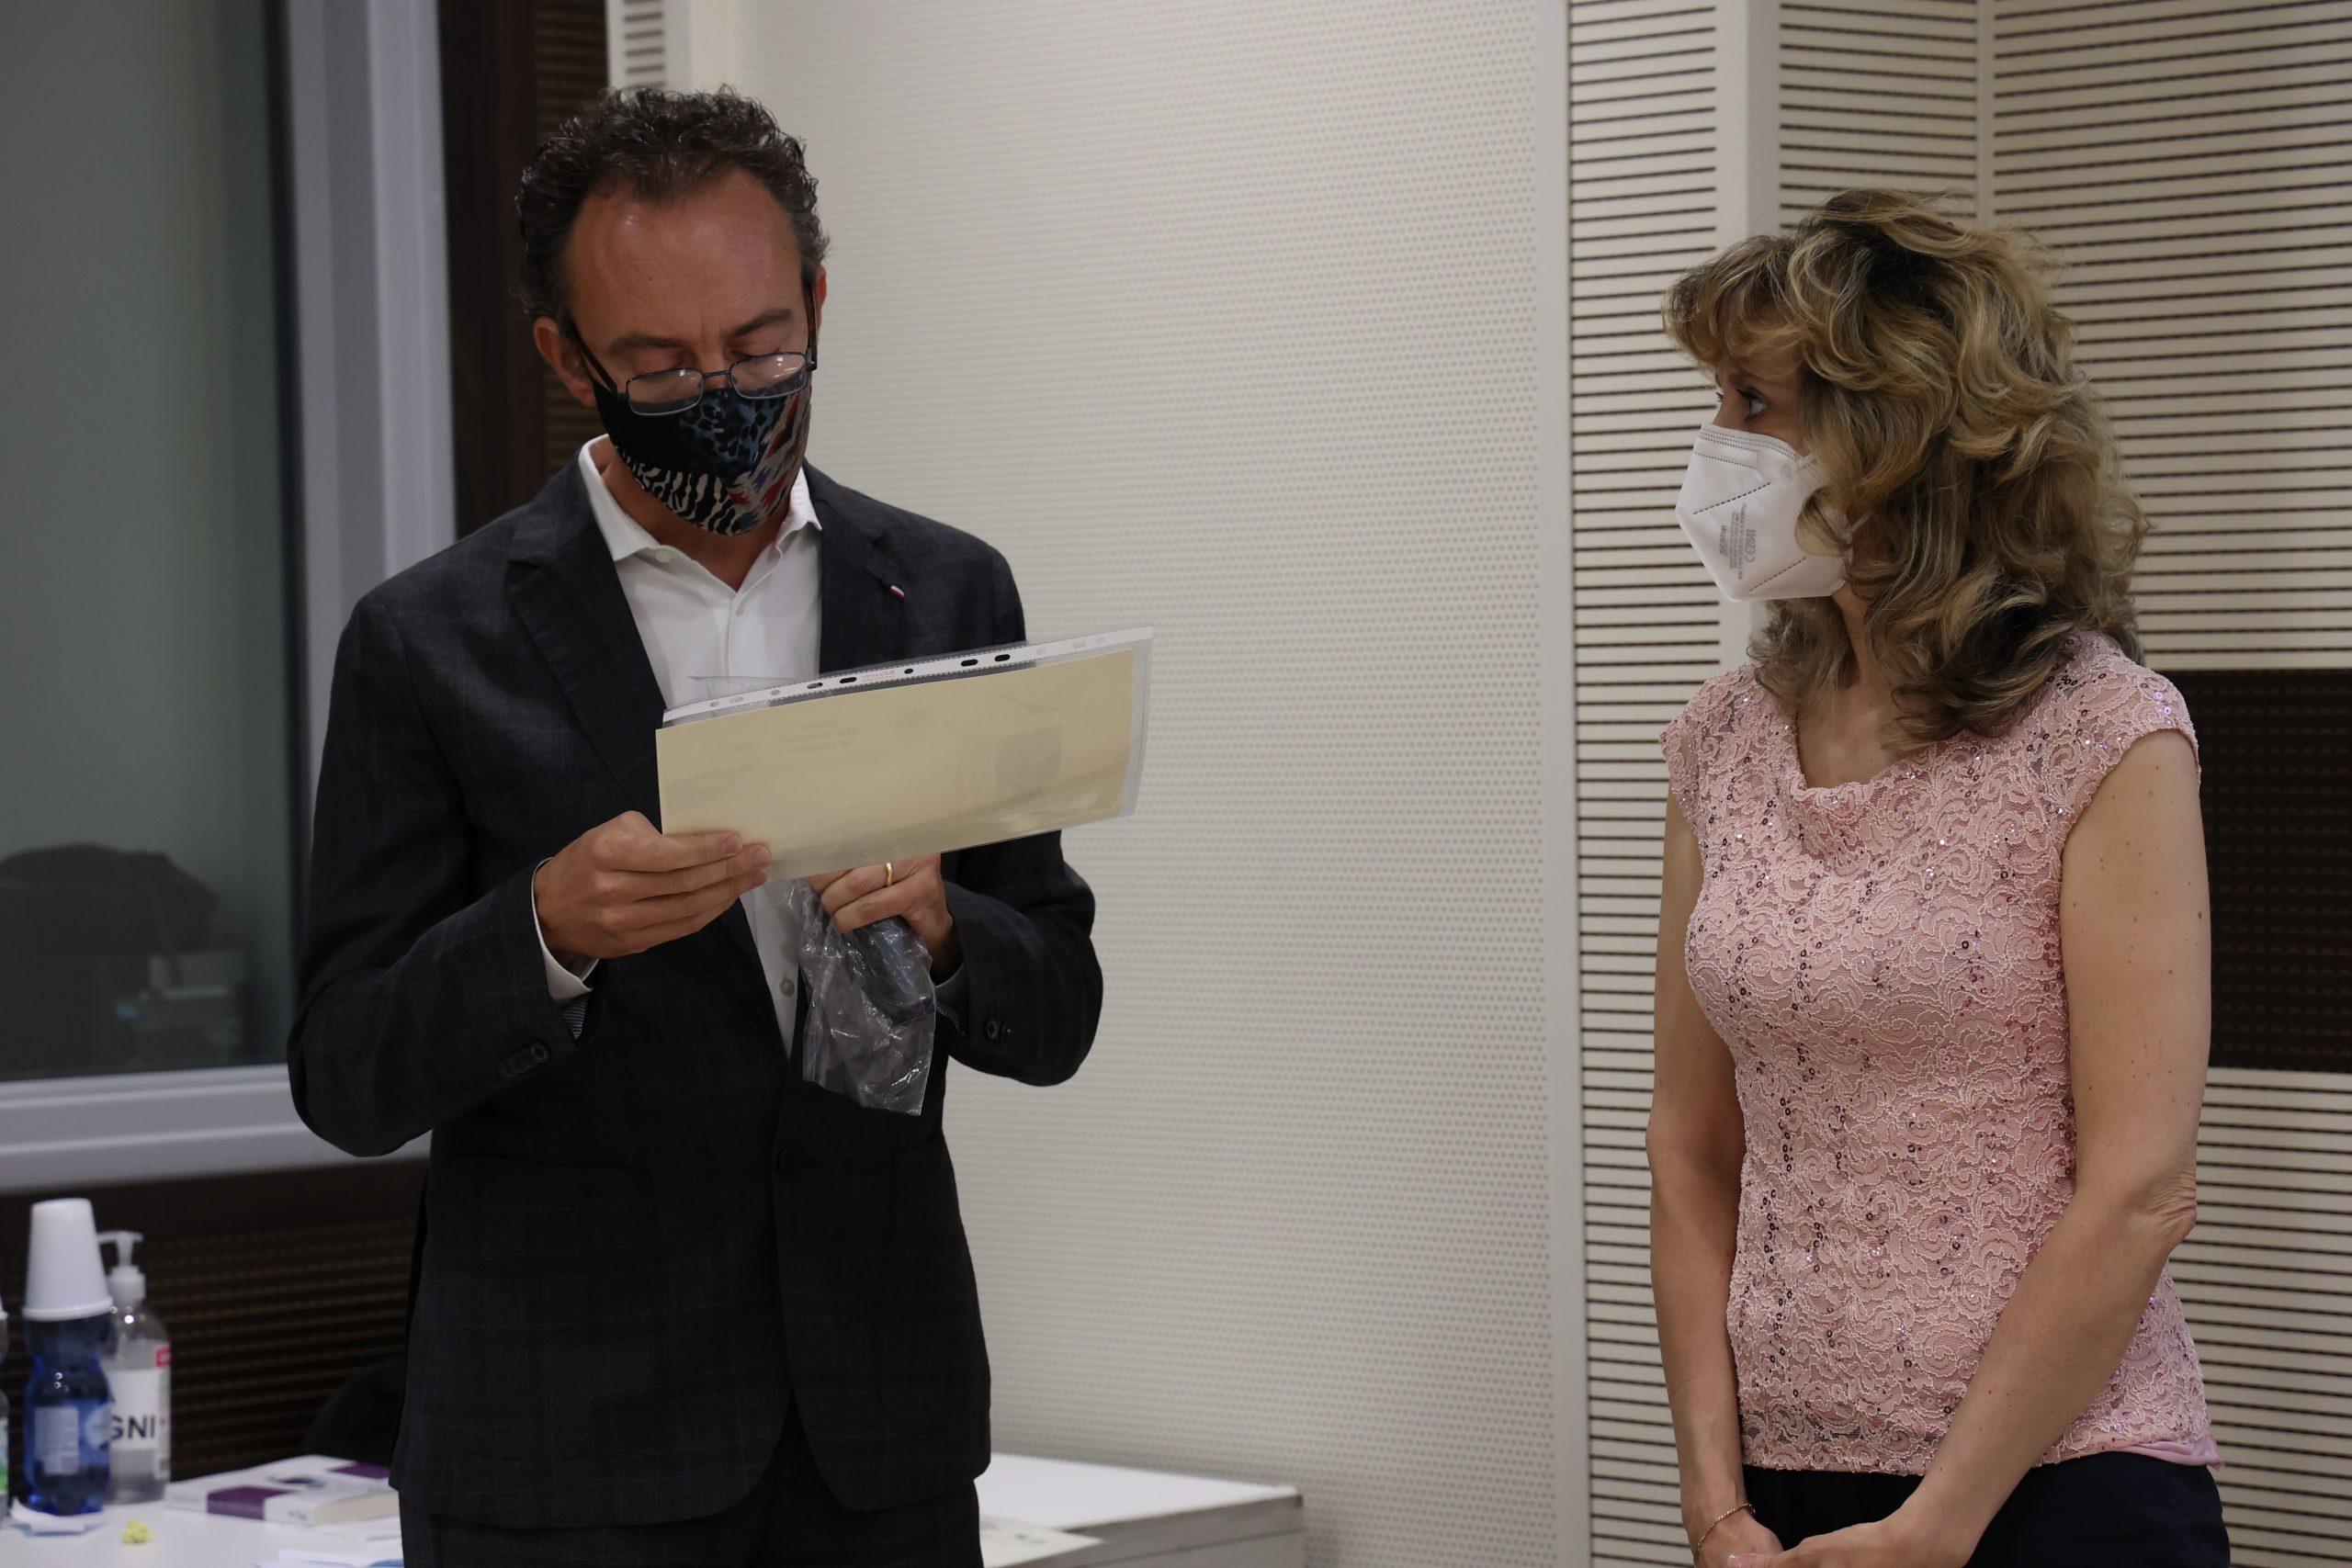 Loredana Corsello alla premiazione dell'edizione 2021 del concorso letterario Gim, fra sogno e realtà del Fondo Edo Tempia di Biella.